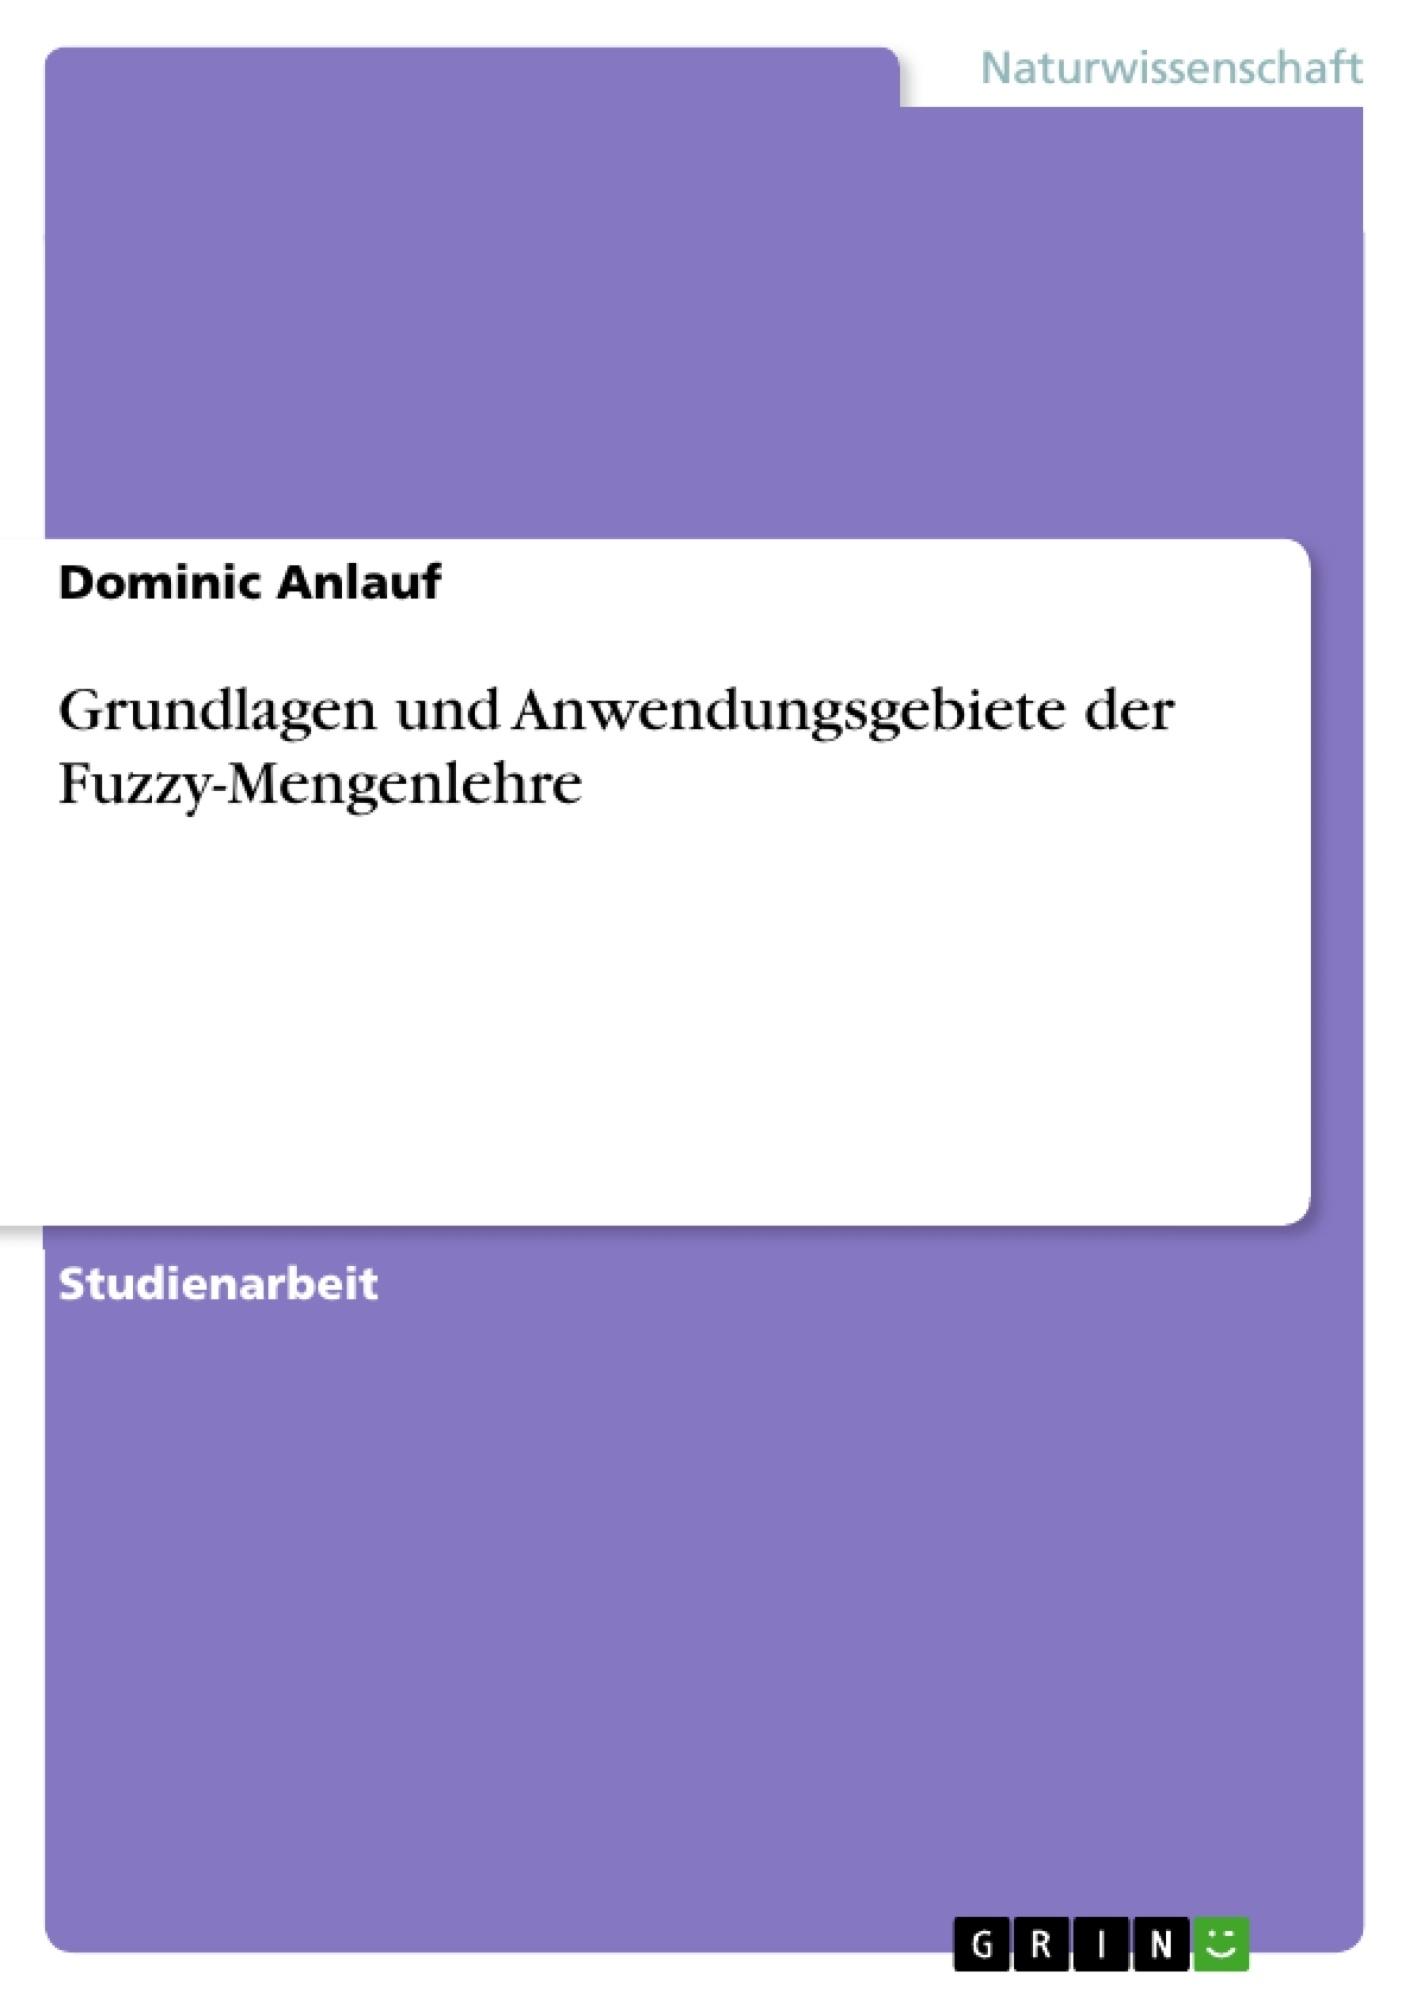 Titel: Grundlagen und Anwendungsgebiete der Fuzzy-Mengenlehre